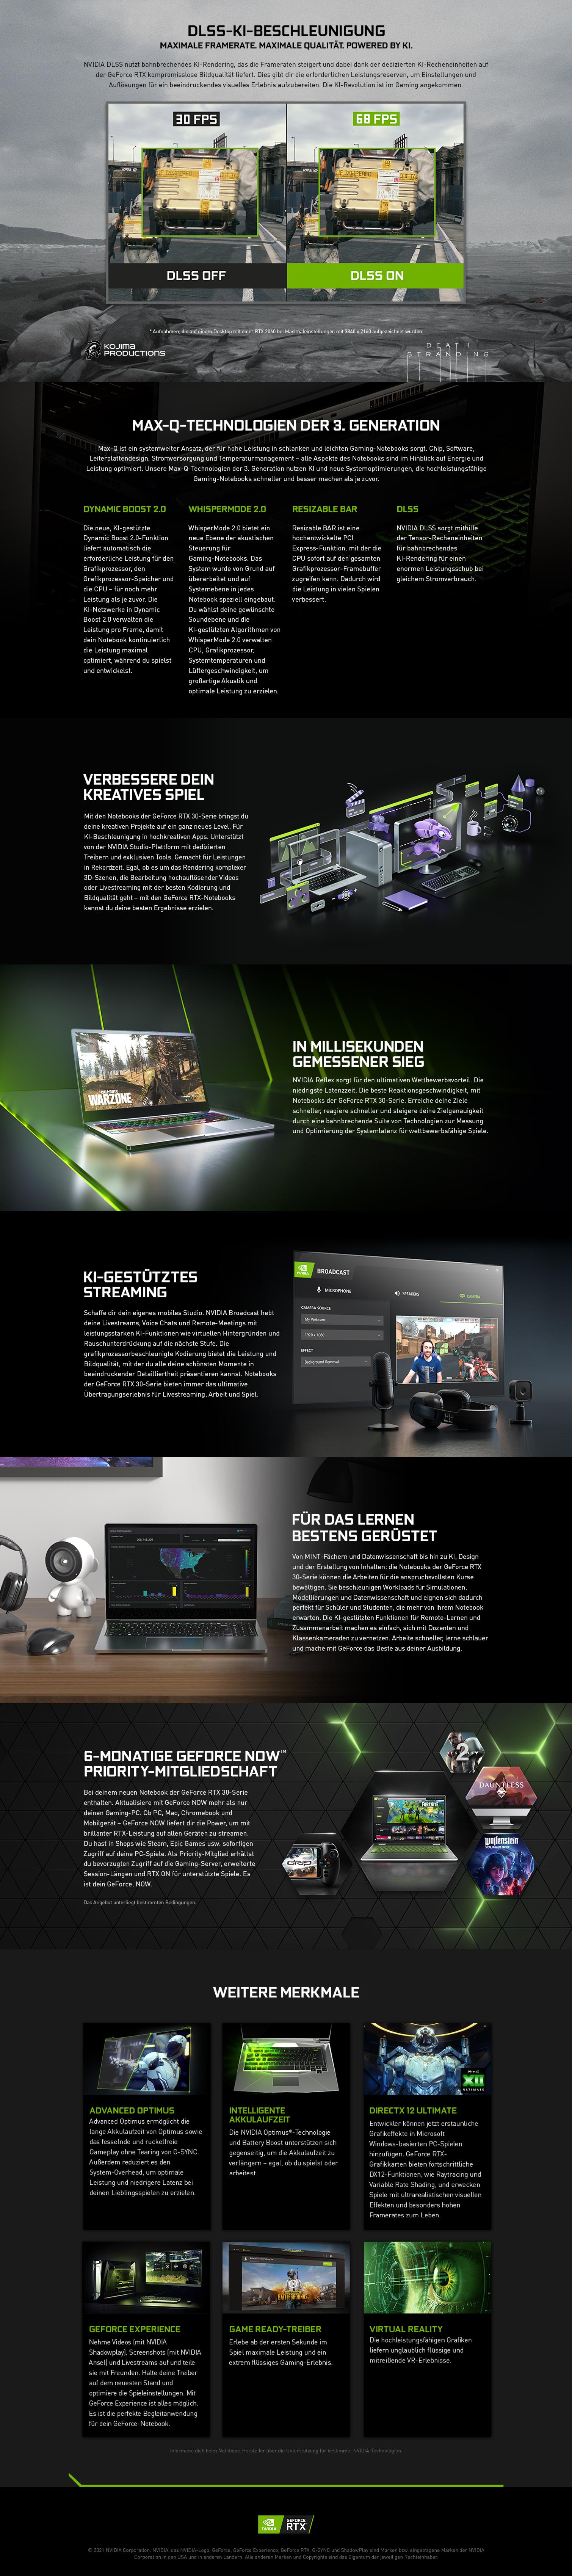 Maximale Framerates und Qualität durch NVIDIA DLSS KI-Rendering